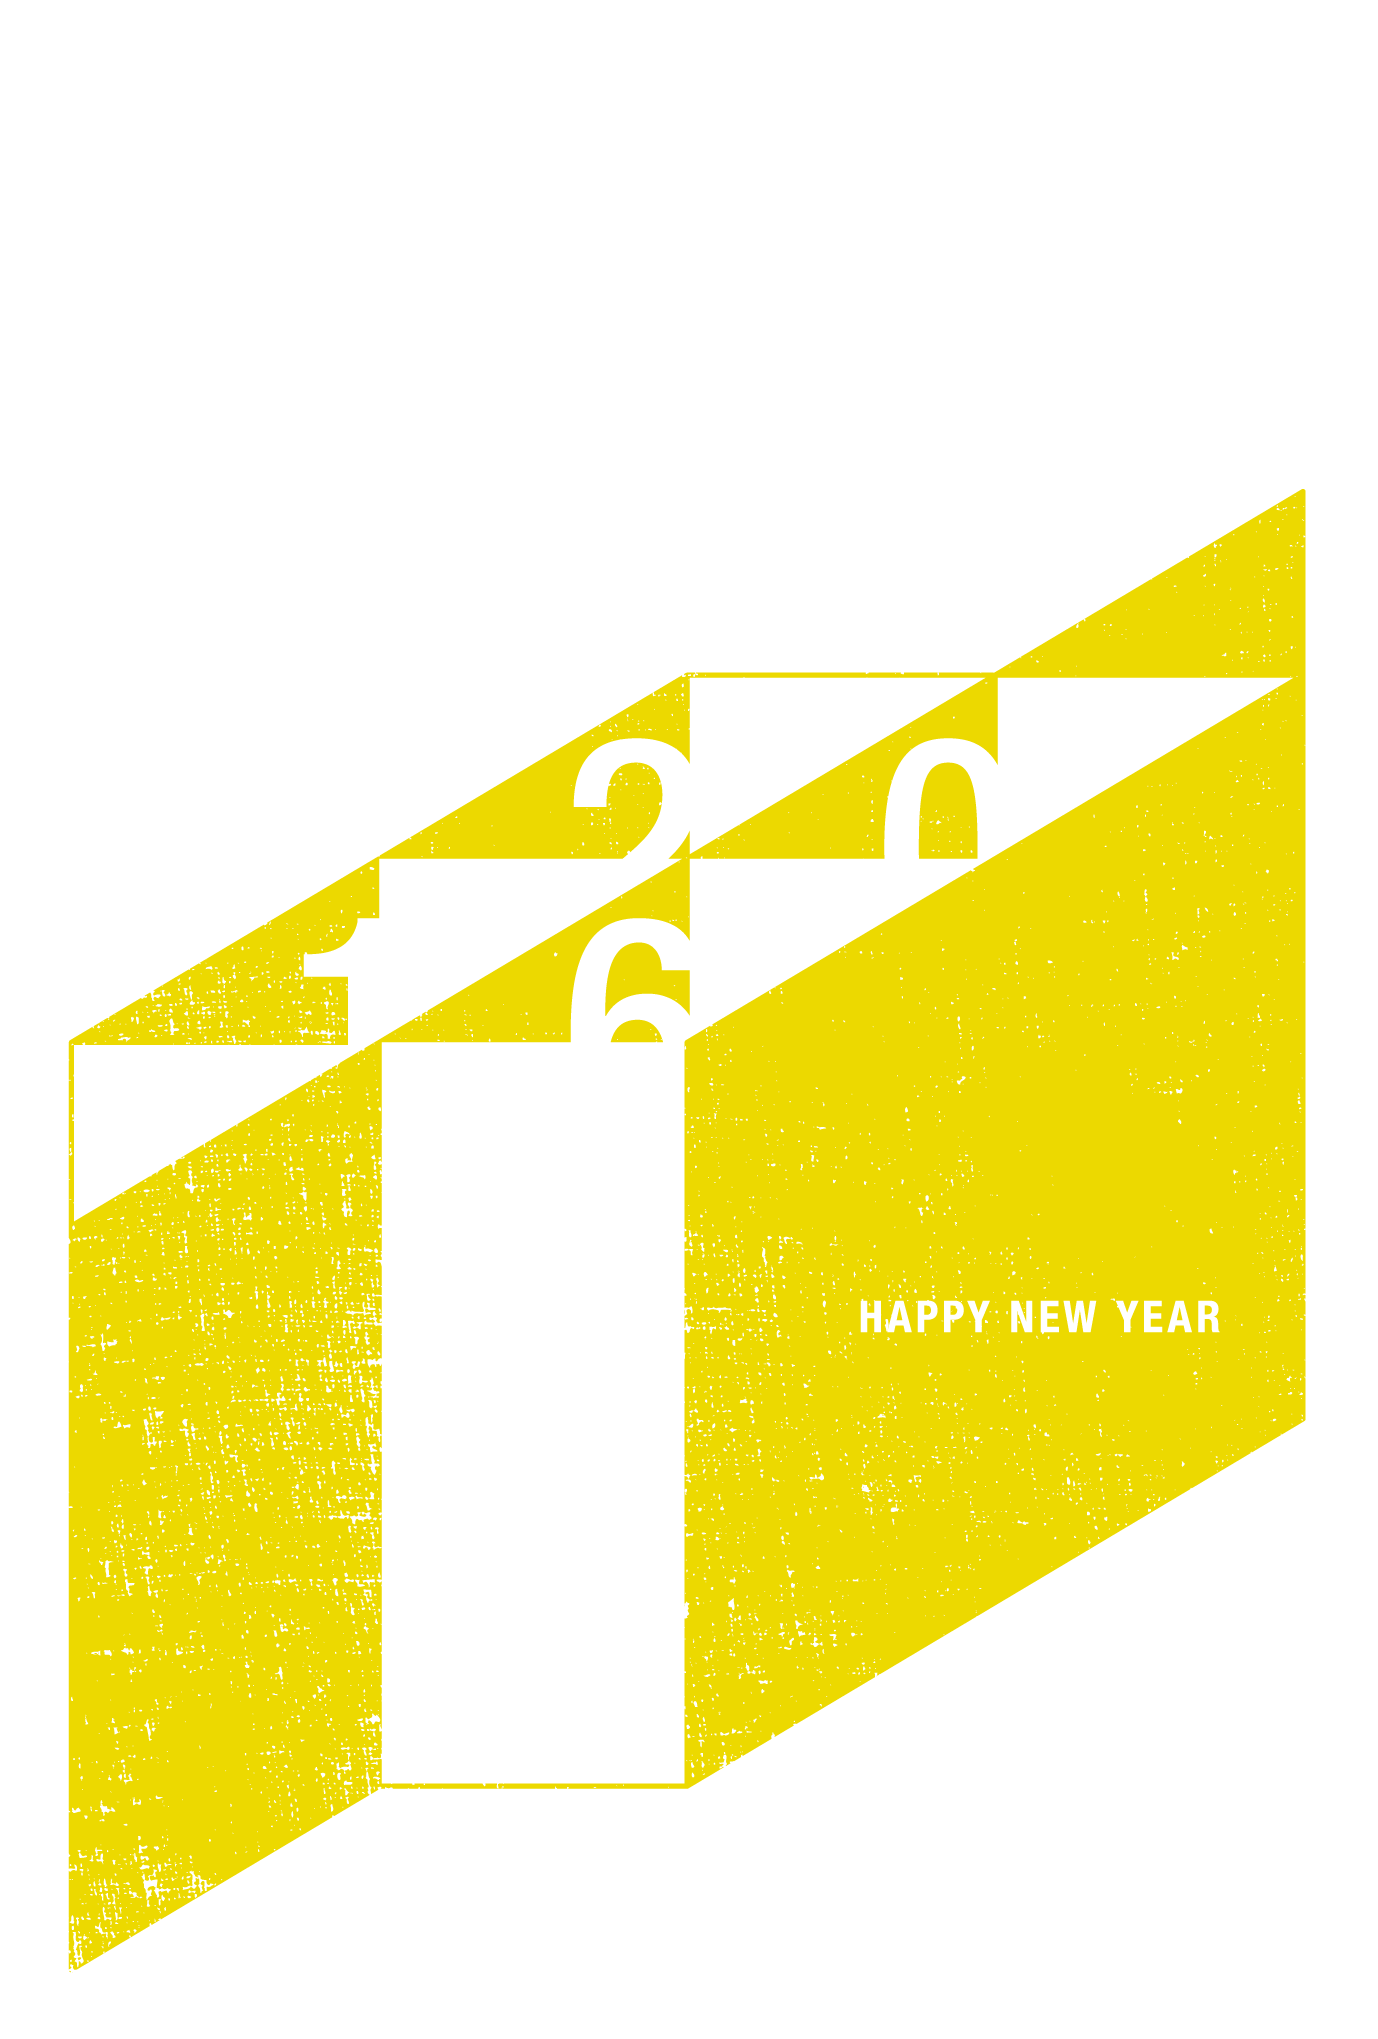 2016年賀状21-3:申の図案(黄)のダウンロード画像